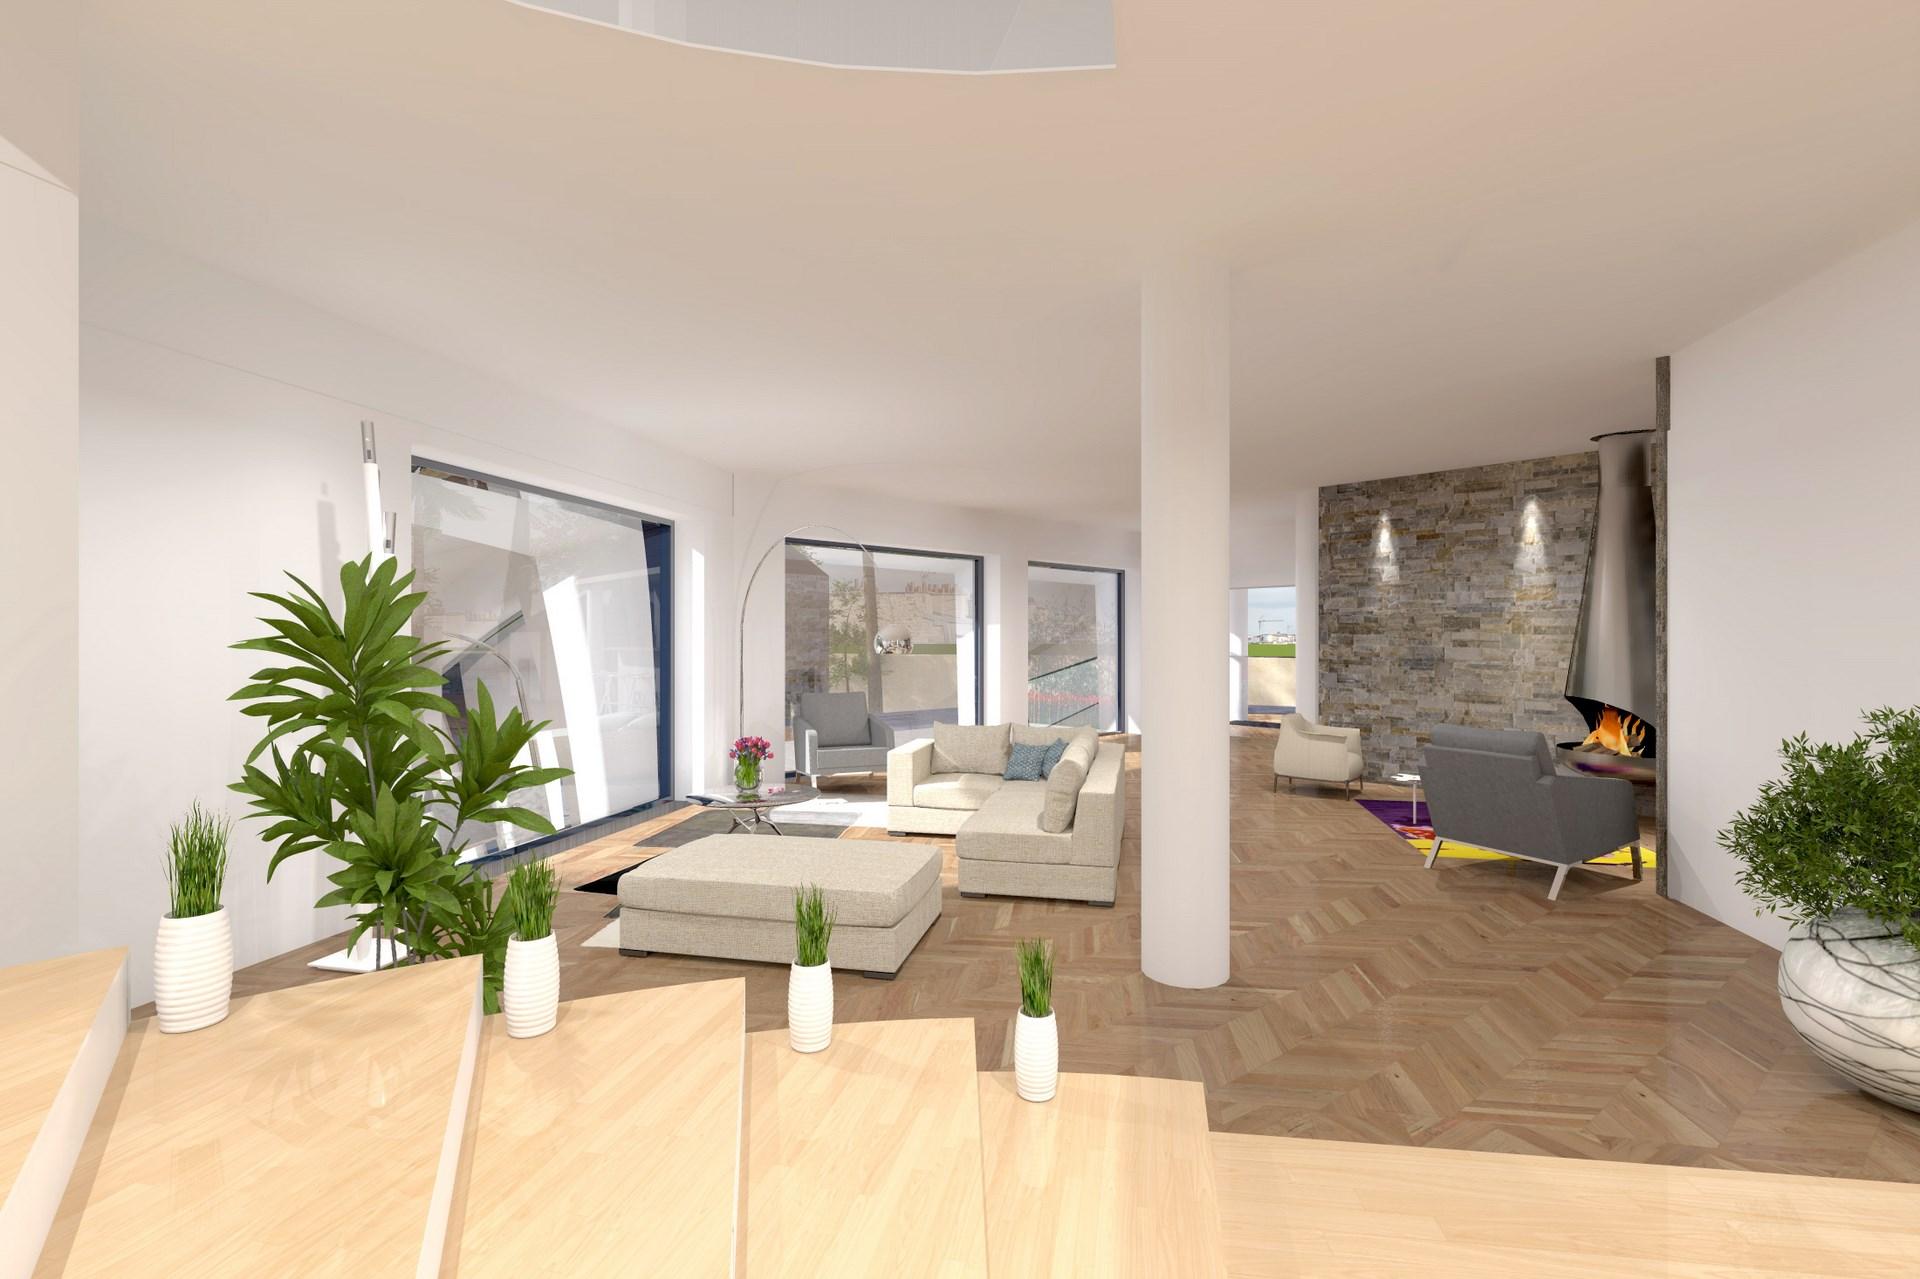 Maison avec salle spa cin ma sport piscine et golf - Maison pierre et acier de style contemporain en australie ...